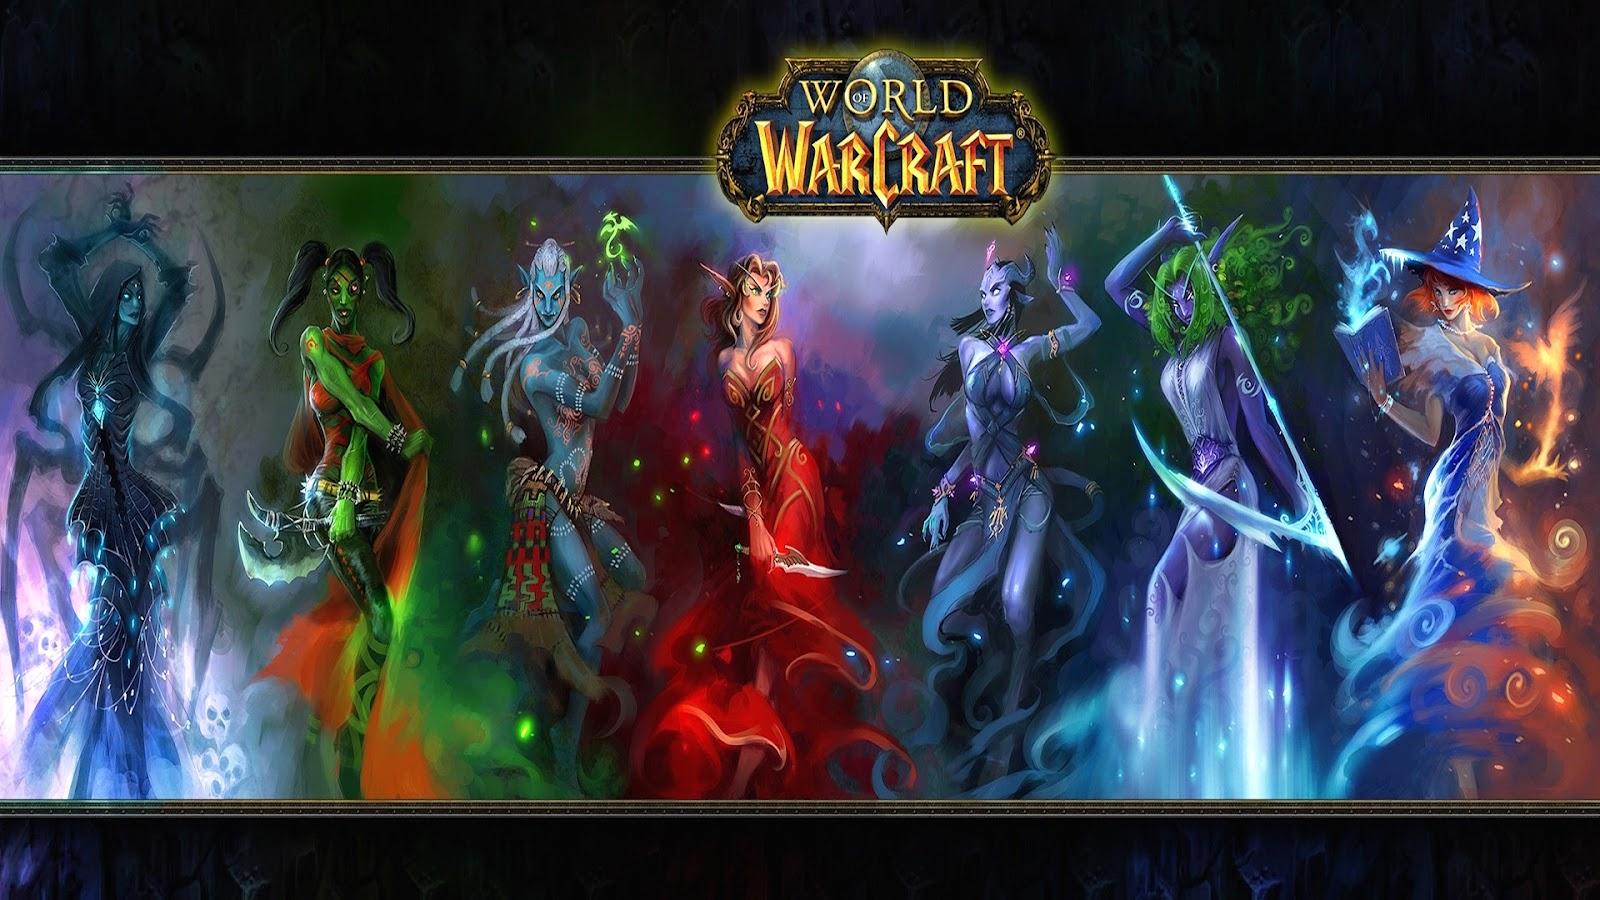 http://2.bp.blogspot.com/-klyTjb2stzk/UA6qNLFo-RI/AAAAAAAAA3w/gS8rnXgNTf4/s1600/World_of_Warcraft_Wallpaper_1920x1080_wallpaperhere.jpg